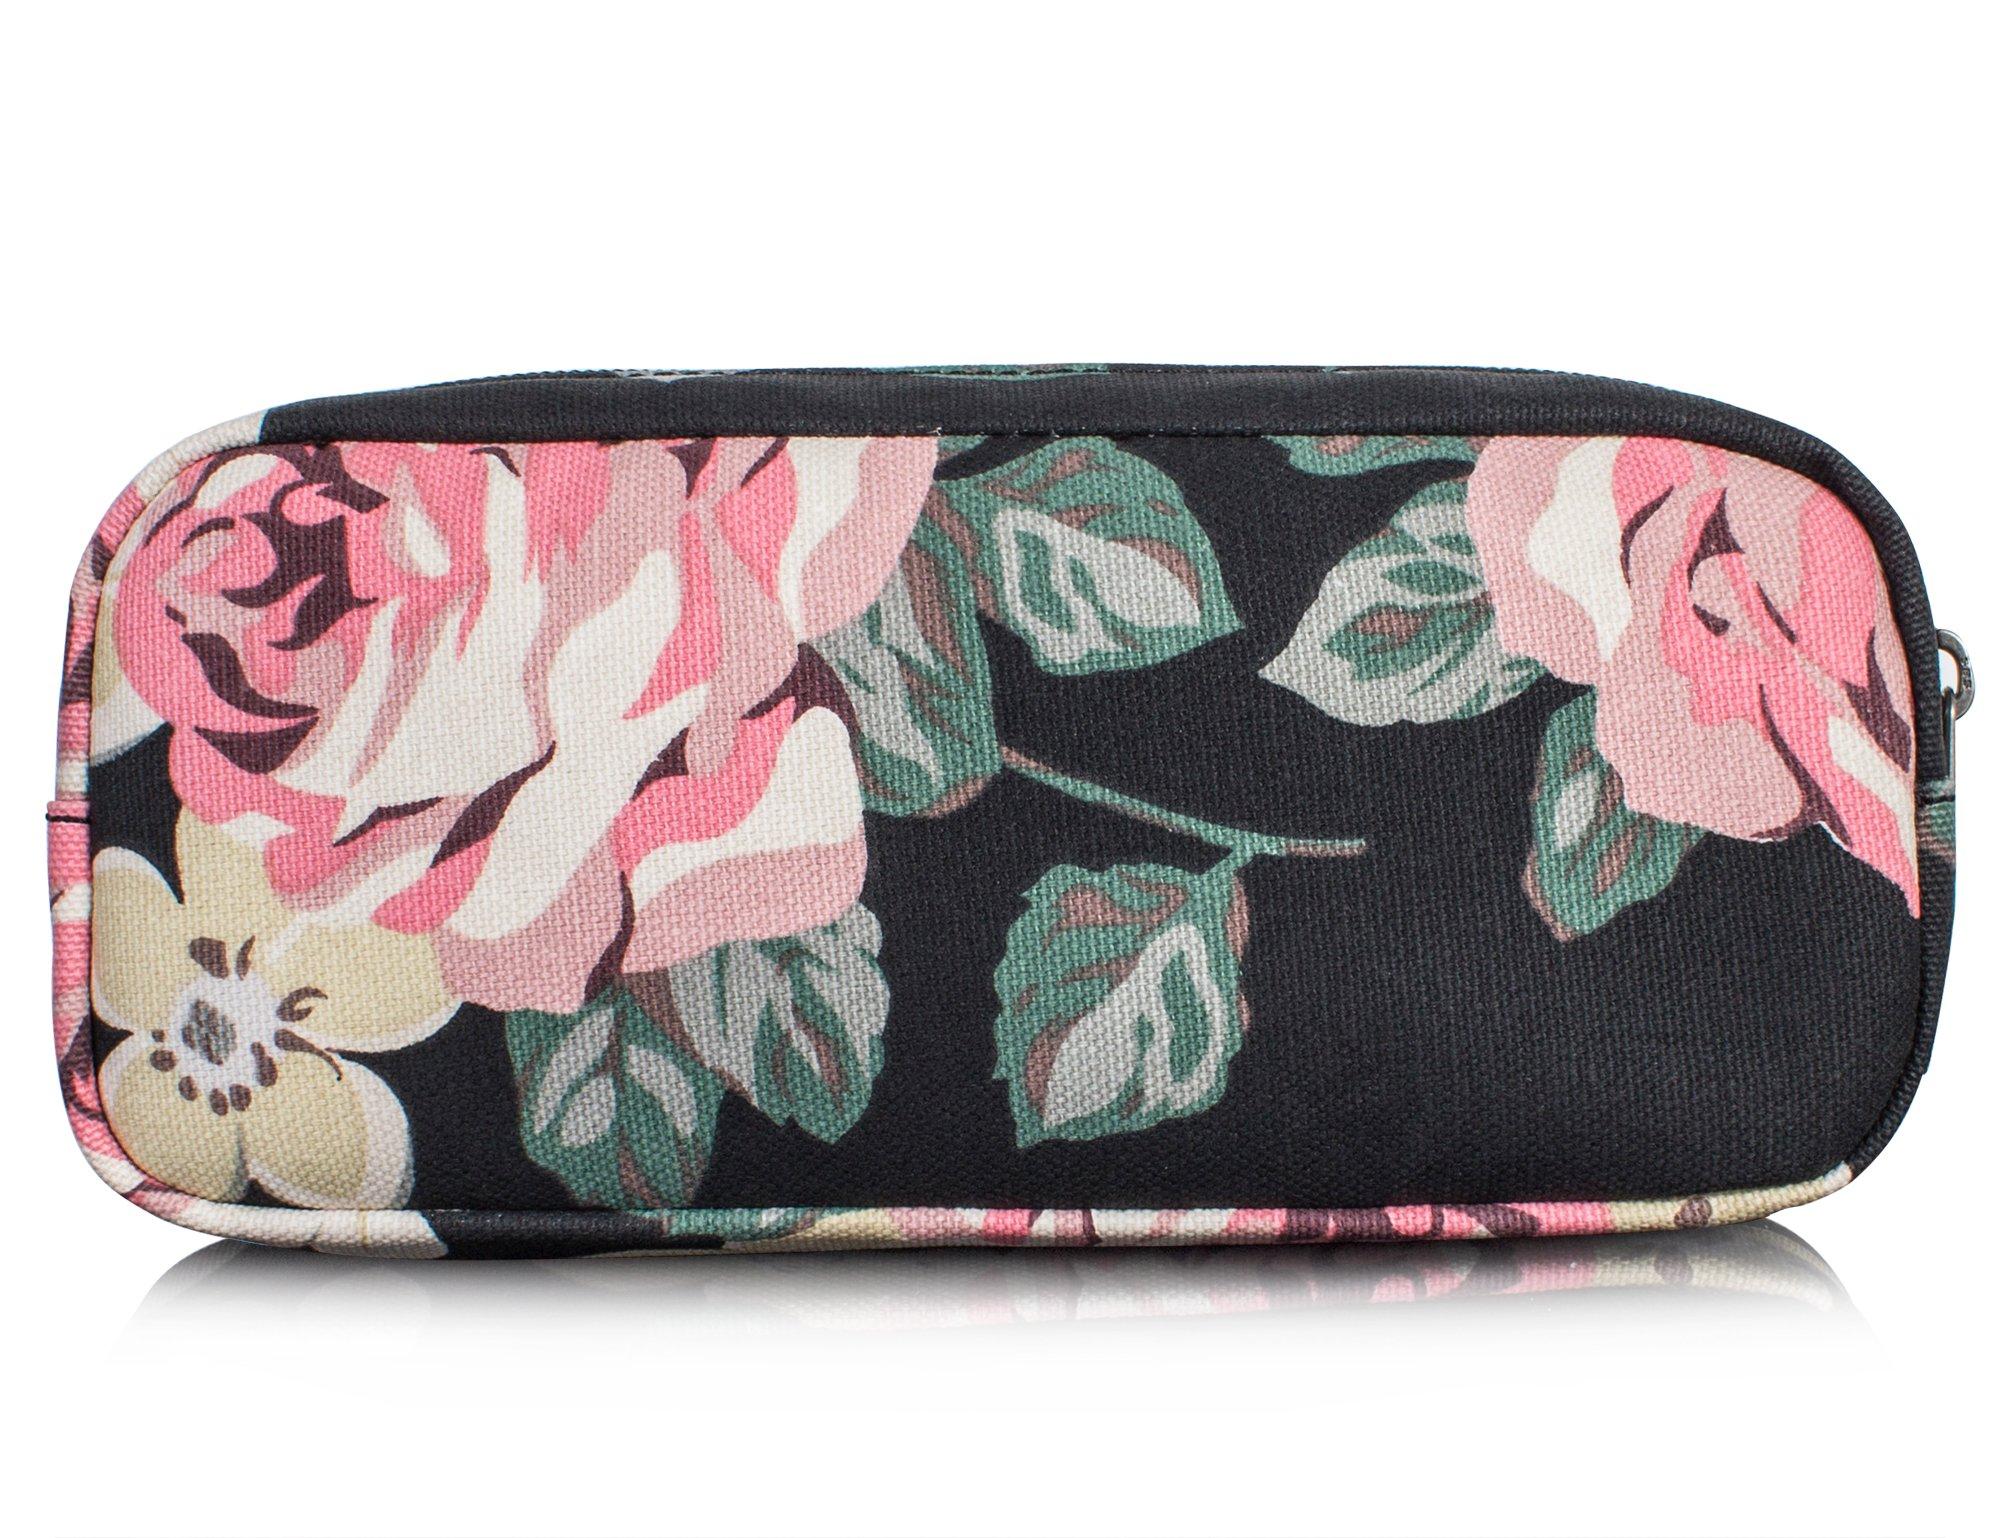 Leaper Floral Pen Pencil Case Coin Purse Pouch Cosmetic Makeup Bag Black